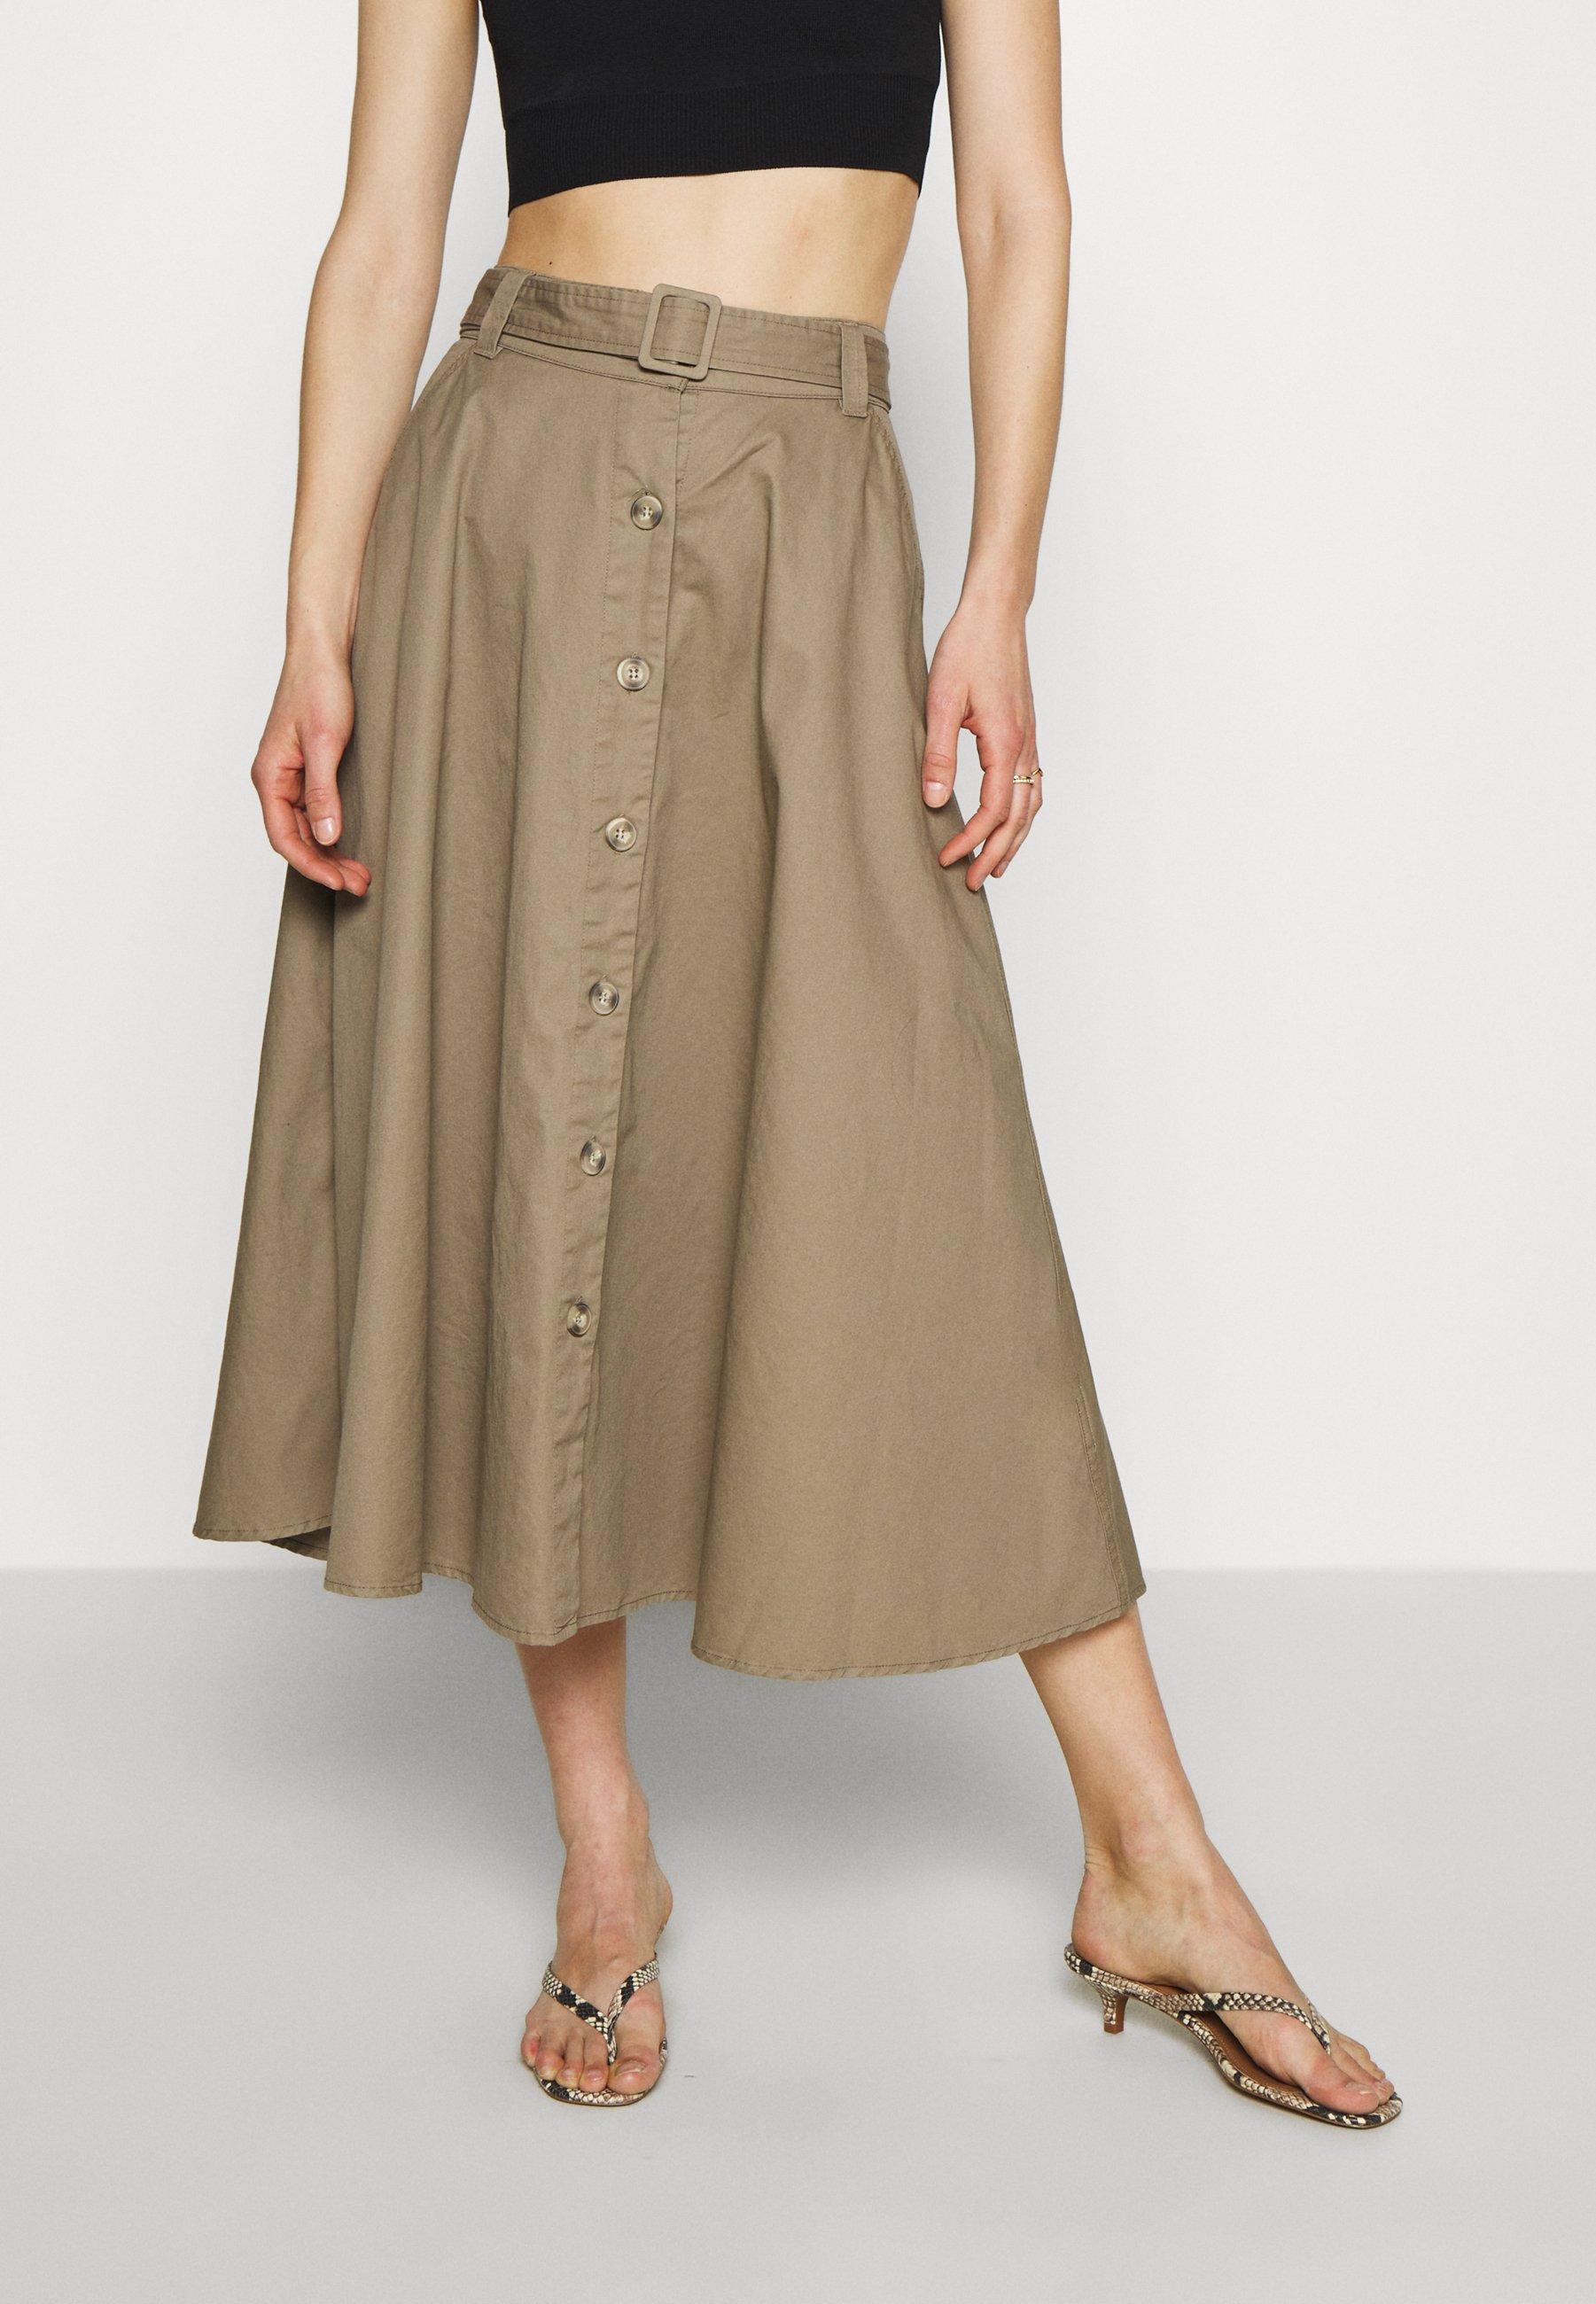 Twoja wymarzona spódnica Holzweiler w modnych wzorach jest